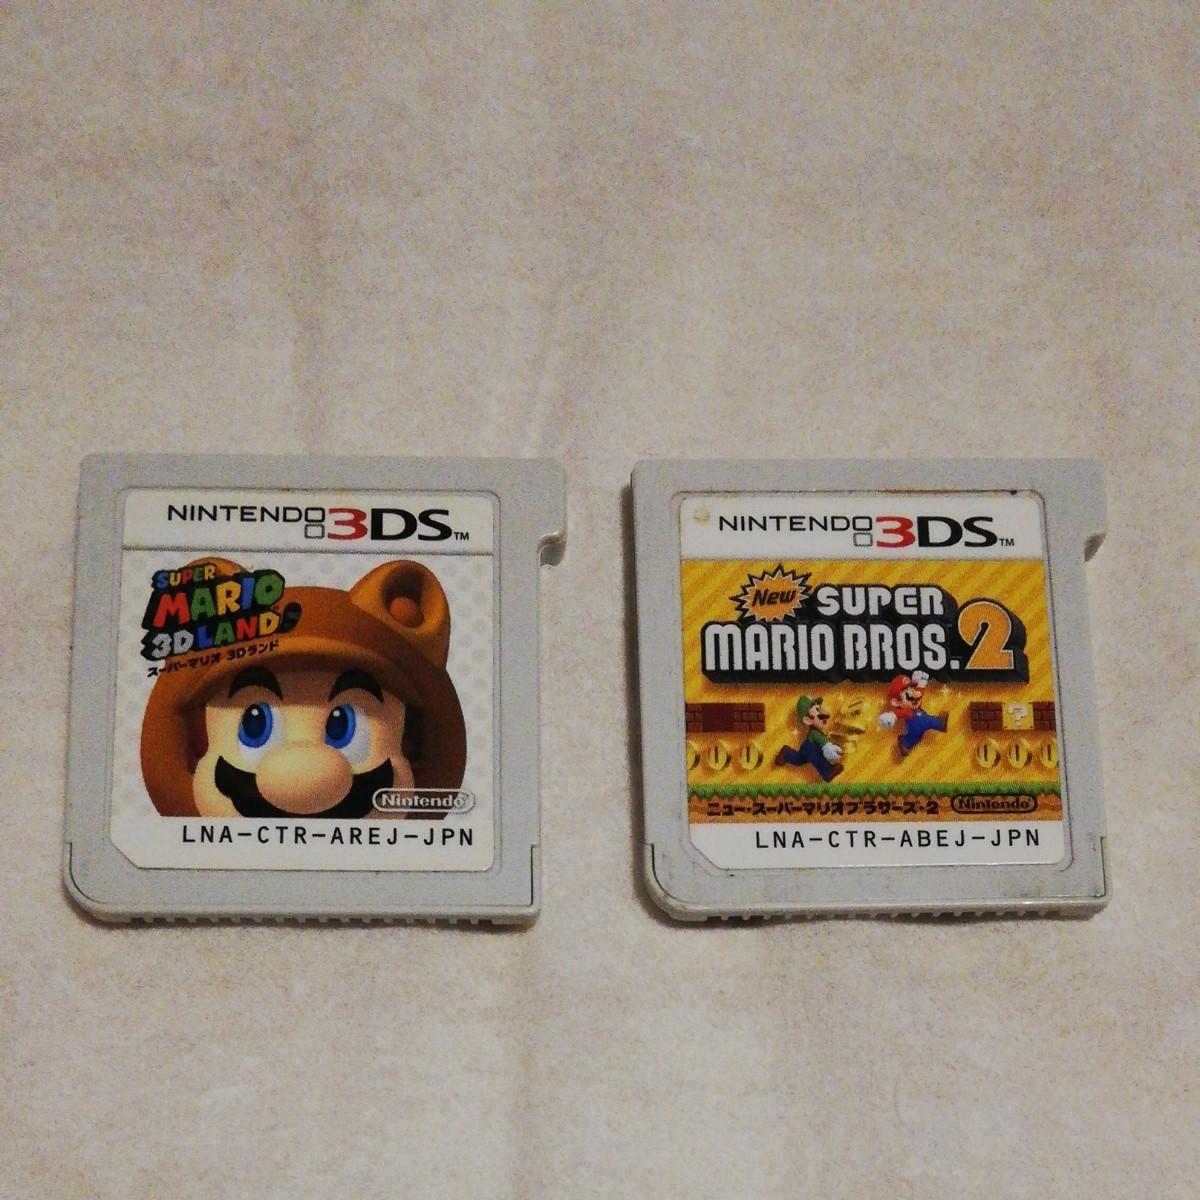 スーパーマリオ3Dランド Newスーパーマリオブラザーズ2 2本セット 3DSソフト